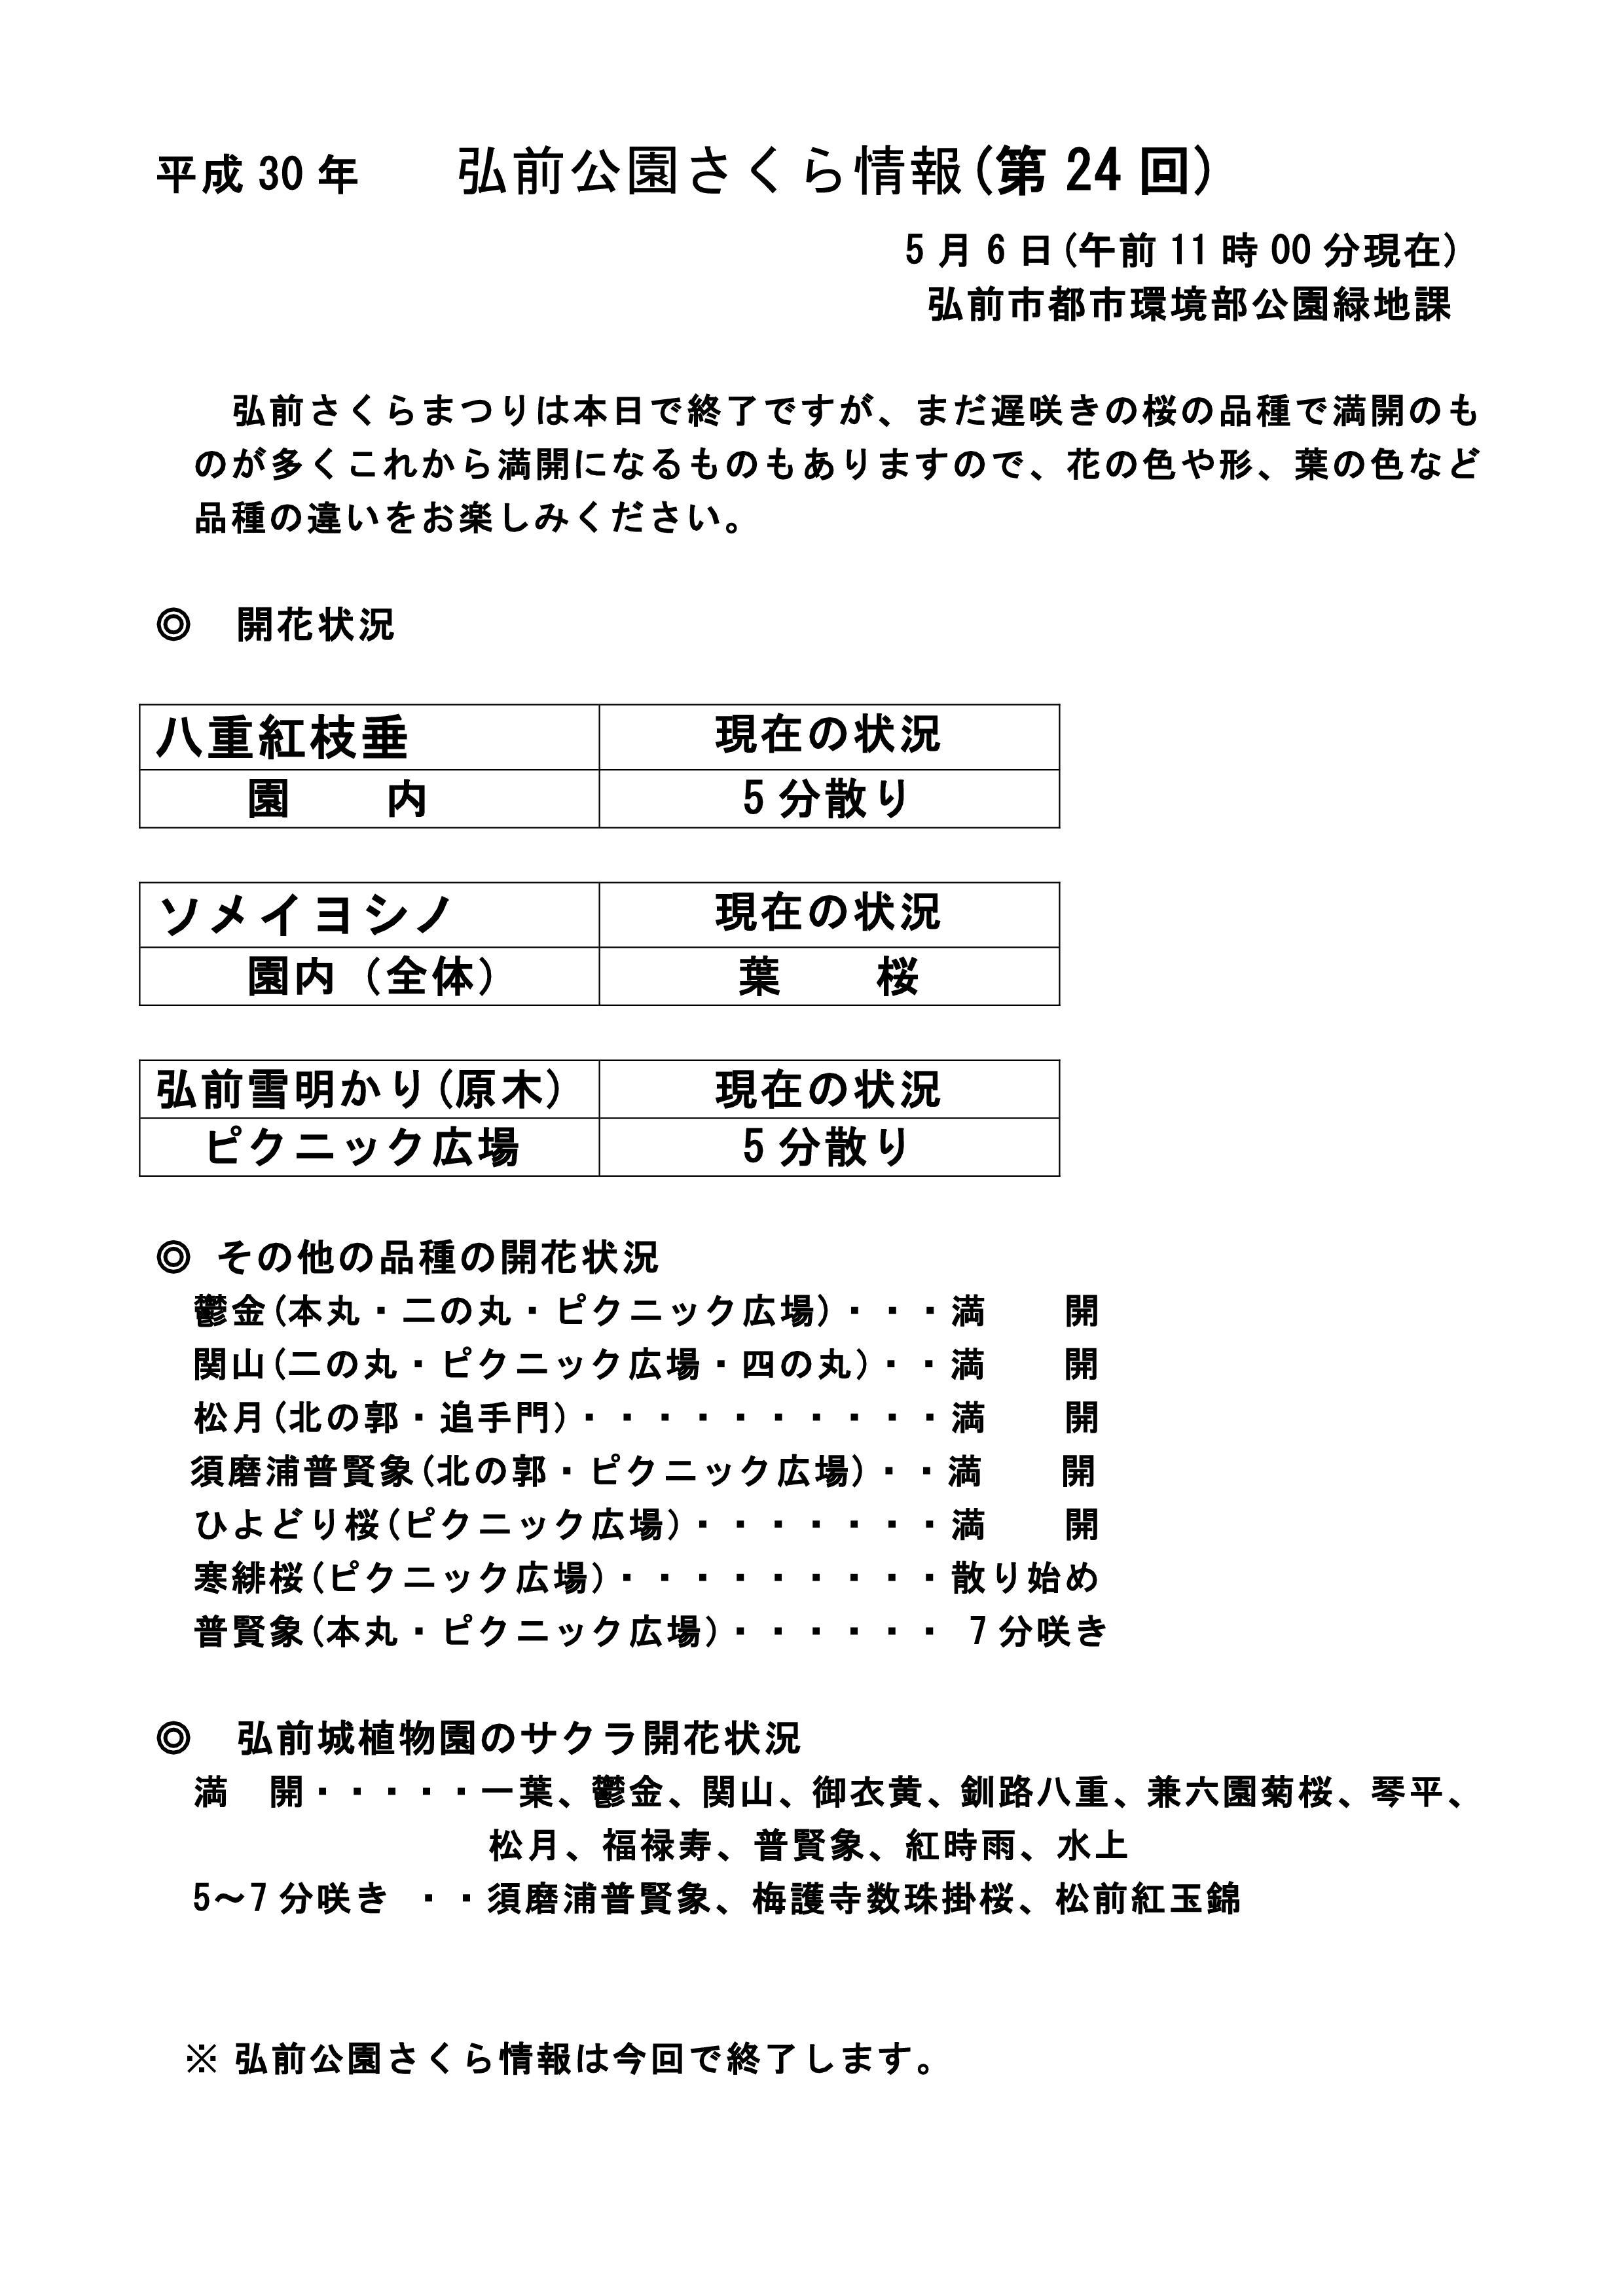 2018年5月6日付 弘前公園さくら情報【弘前公園・弘前城】